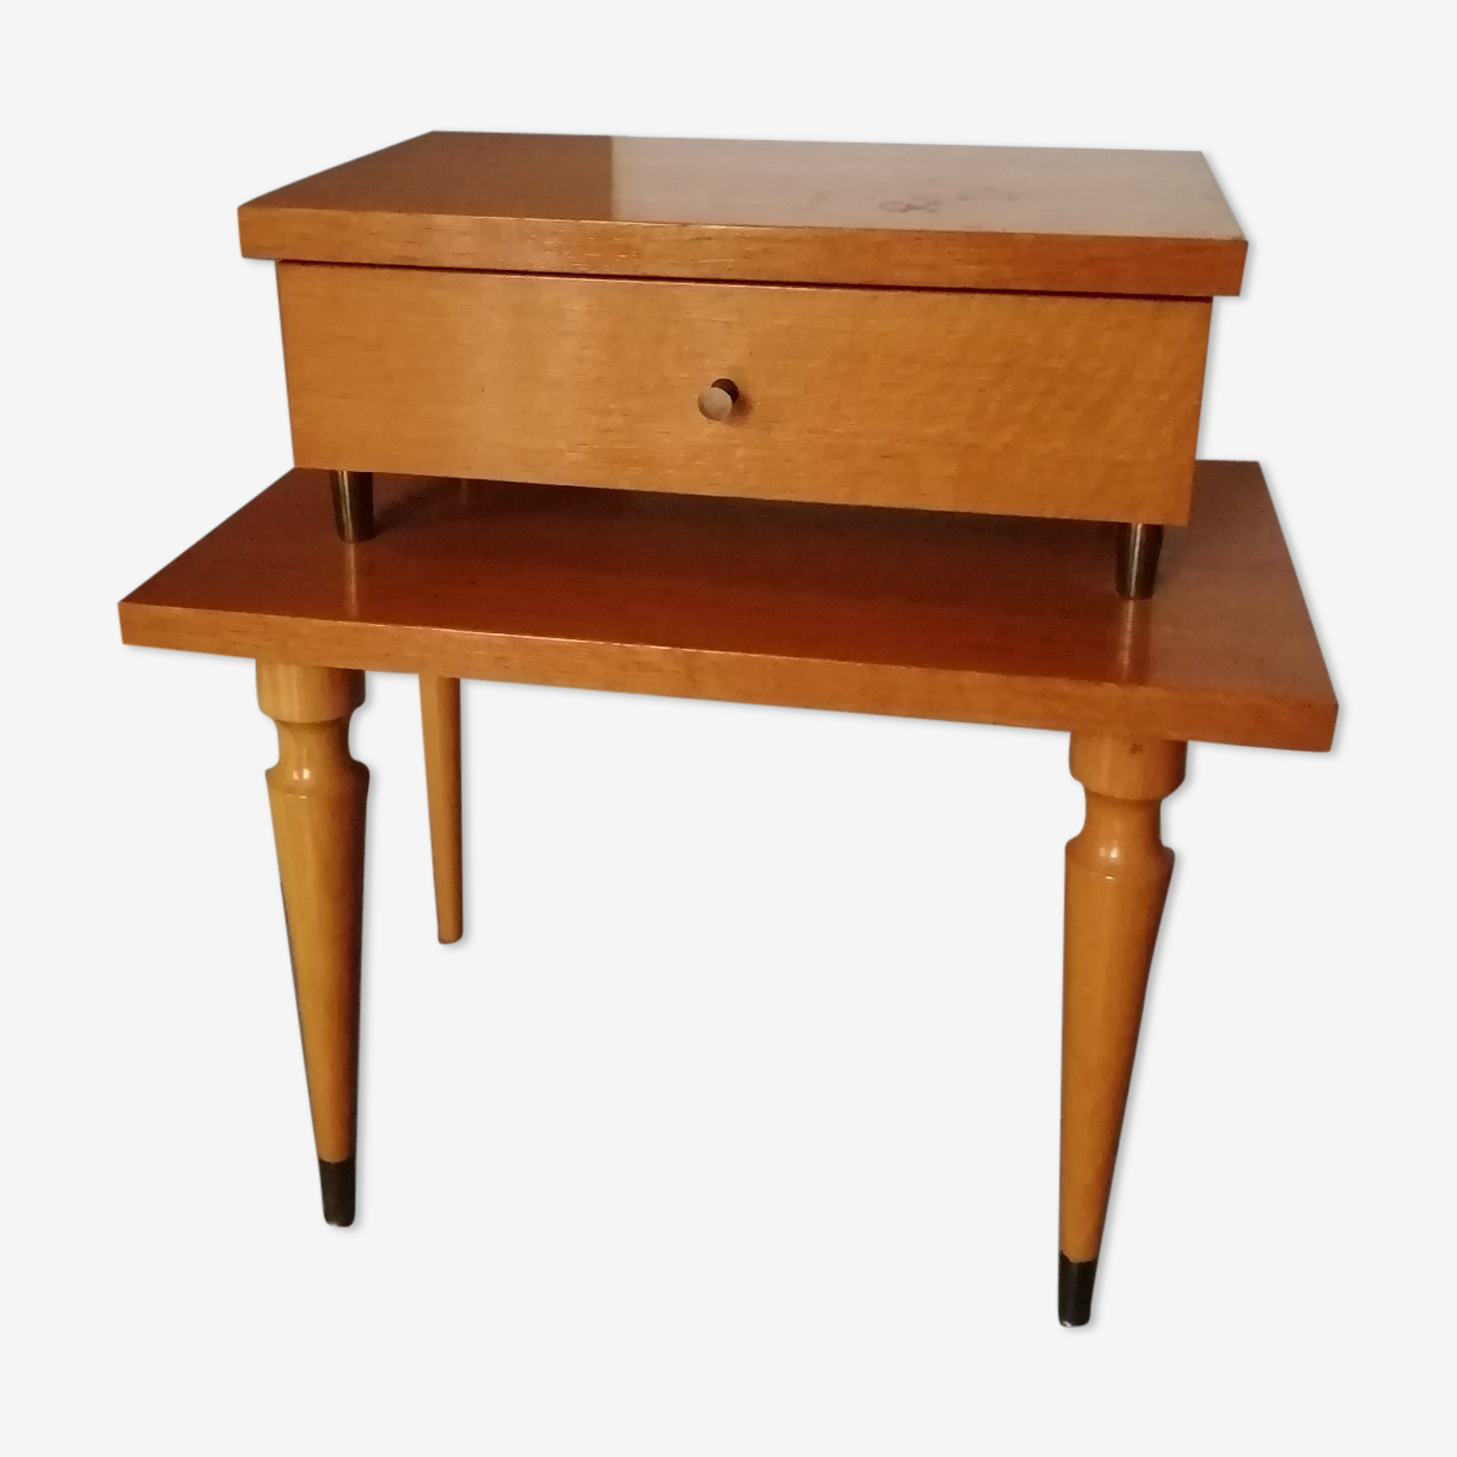 Table de chevet années 50/60